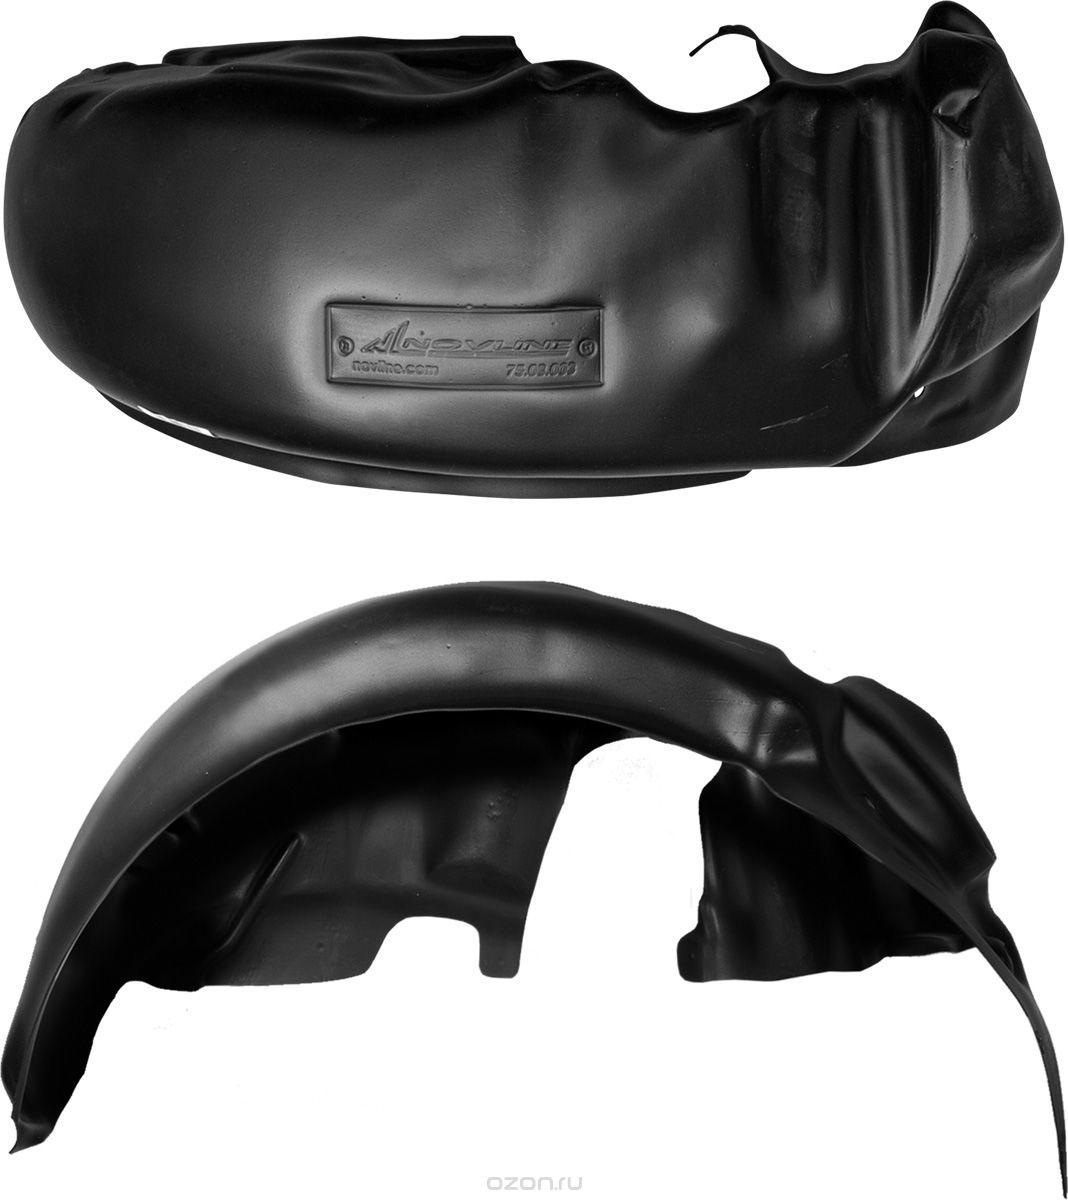 Подкрылок Novline-Autofamily, для Nissan Sentra, 2014->, передний левыйNLL.36.47.001Идеальная защита колесной ниши. Локеры разработаны с применением цифровых технологий, гарантируют максимальную повторяемость поверхности арки. Изделия устанавливаются без нарушения лакокрасочного покрытия автомобиля, каждый подкрылок комплектуется крепежом. Уважаемые клиенты, обращаем ваше внимание, что фотографии на подкрылки универсальные и не отражают реальную форму изделия. При этом само изделие идет точно под размер указанного автомобиля.